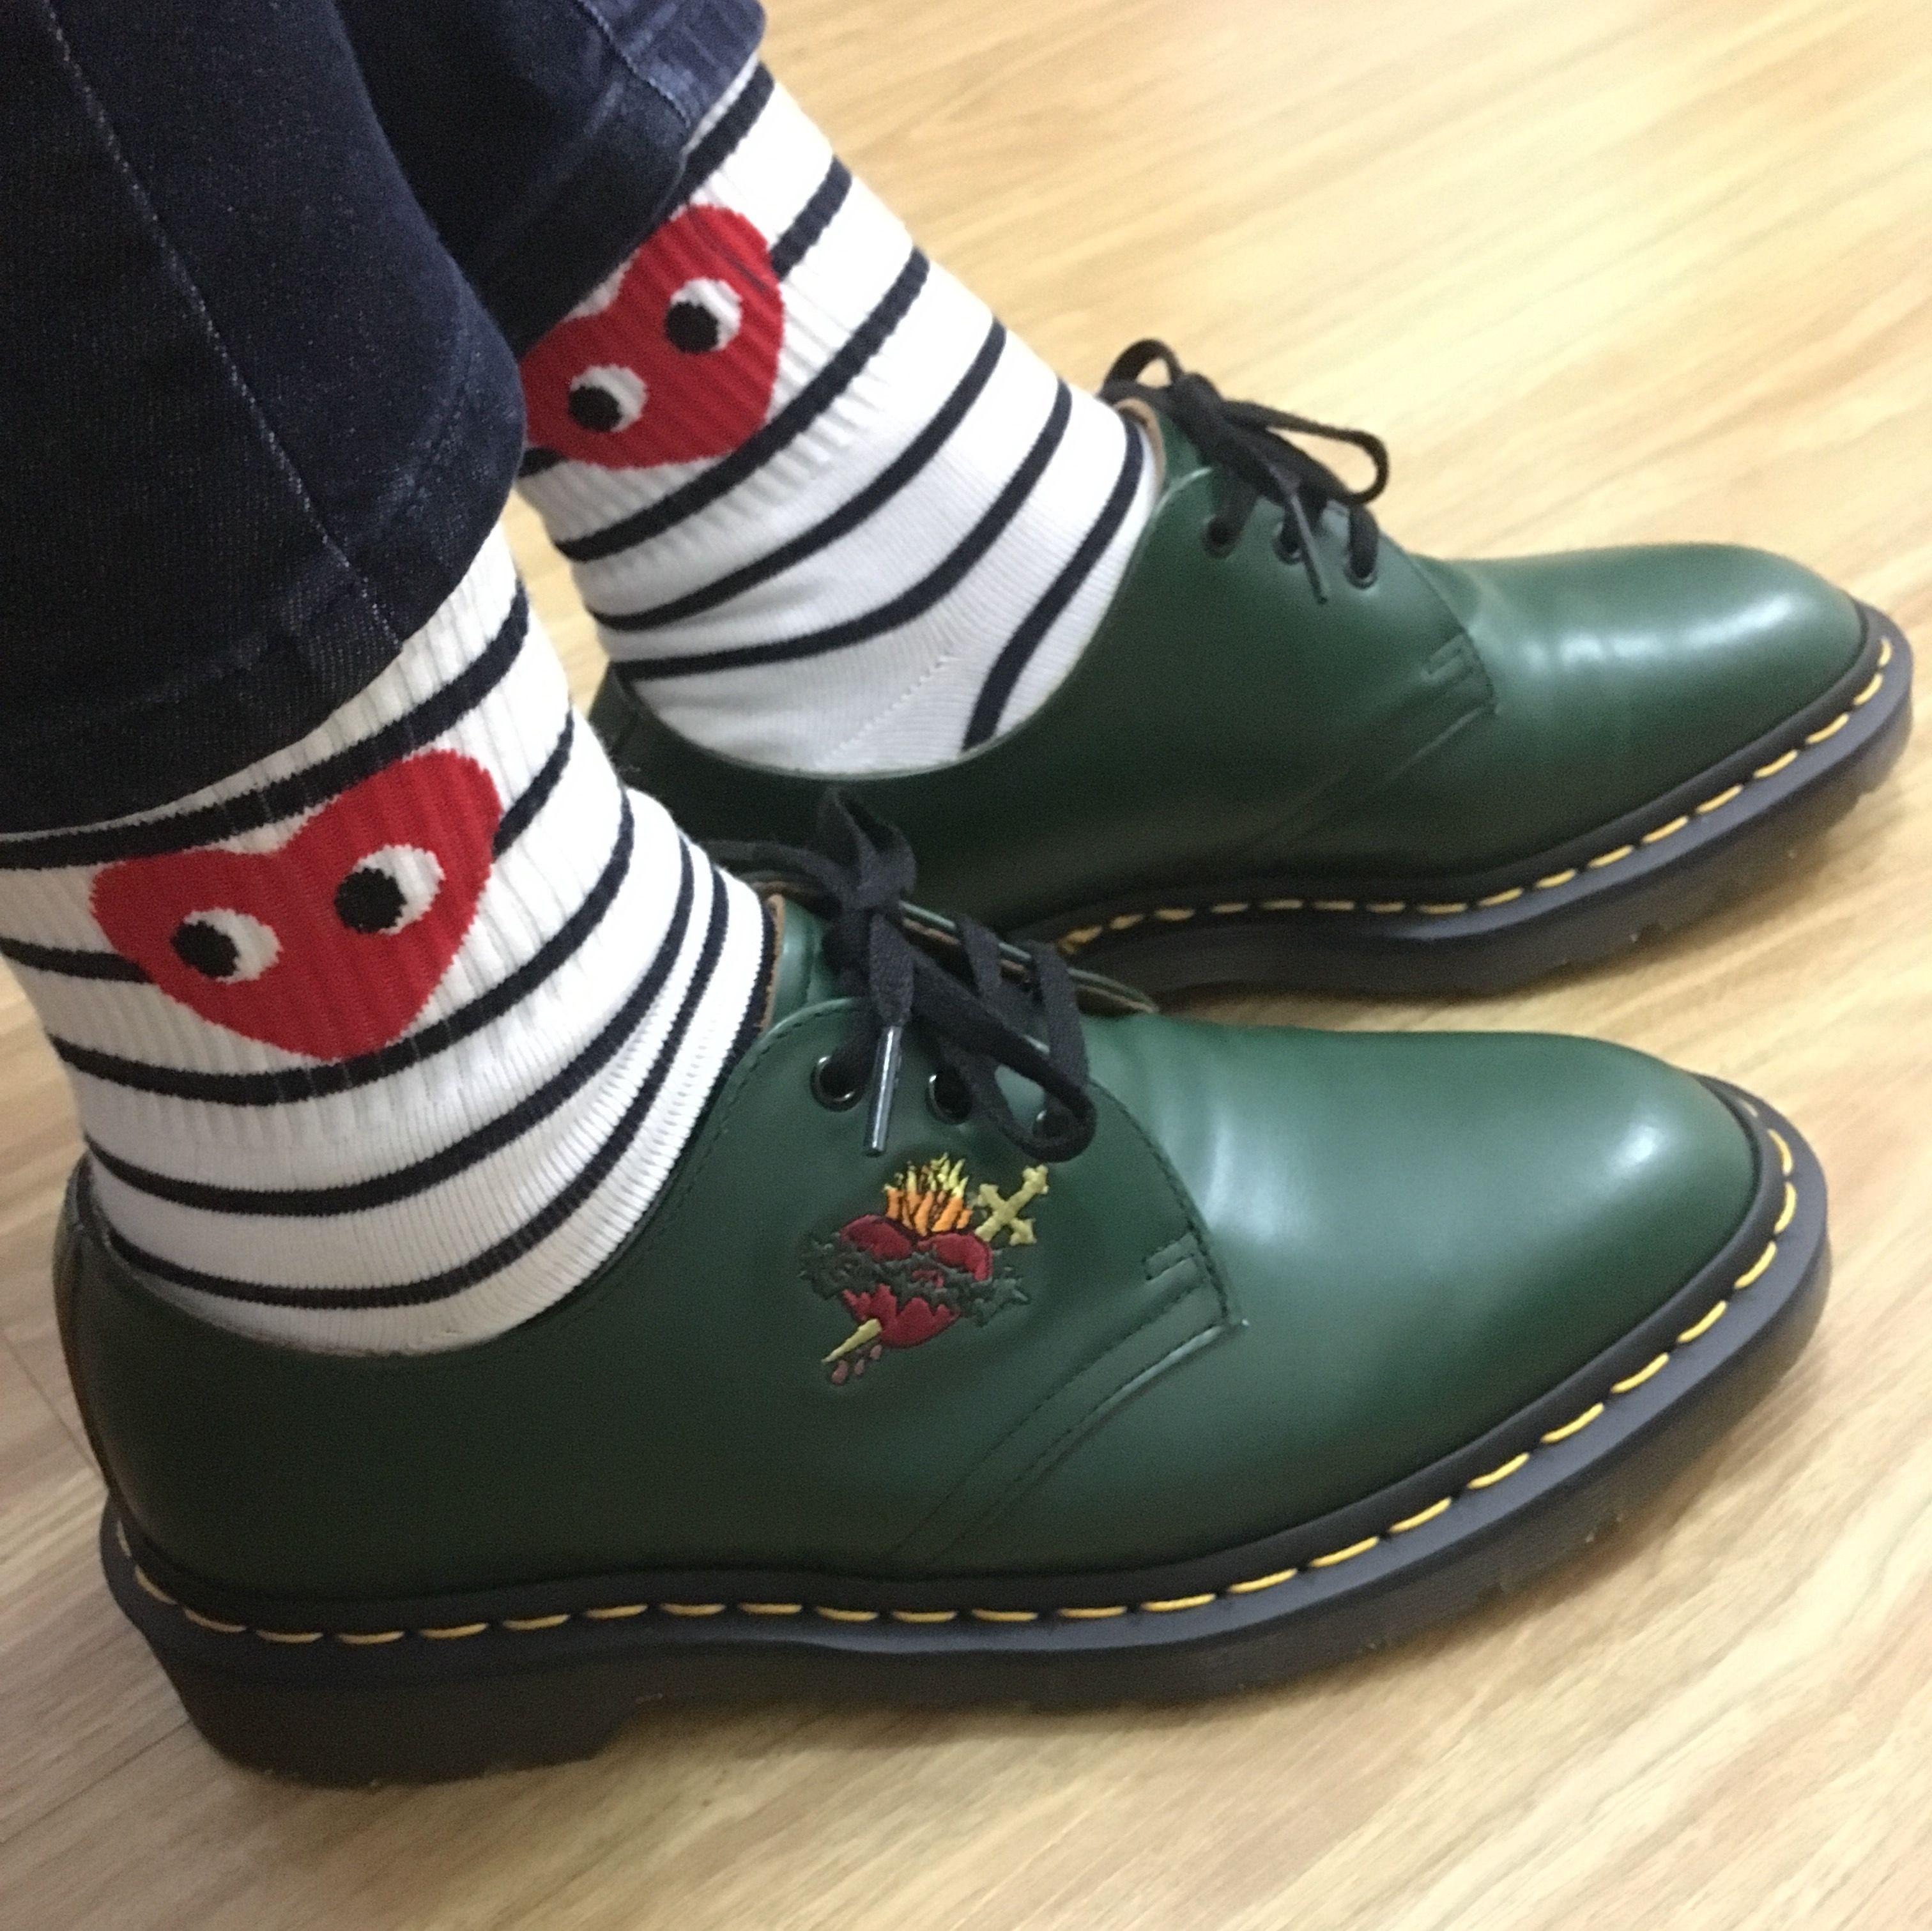 resistant wid dr scholl doctor winder s qlt shoes men work prod hei boot slip on p black comforter shoe comfort